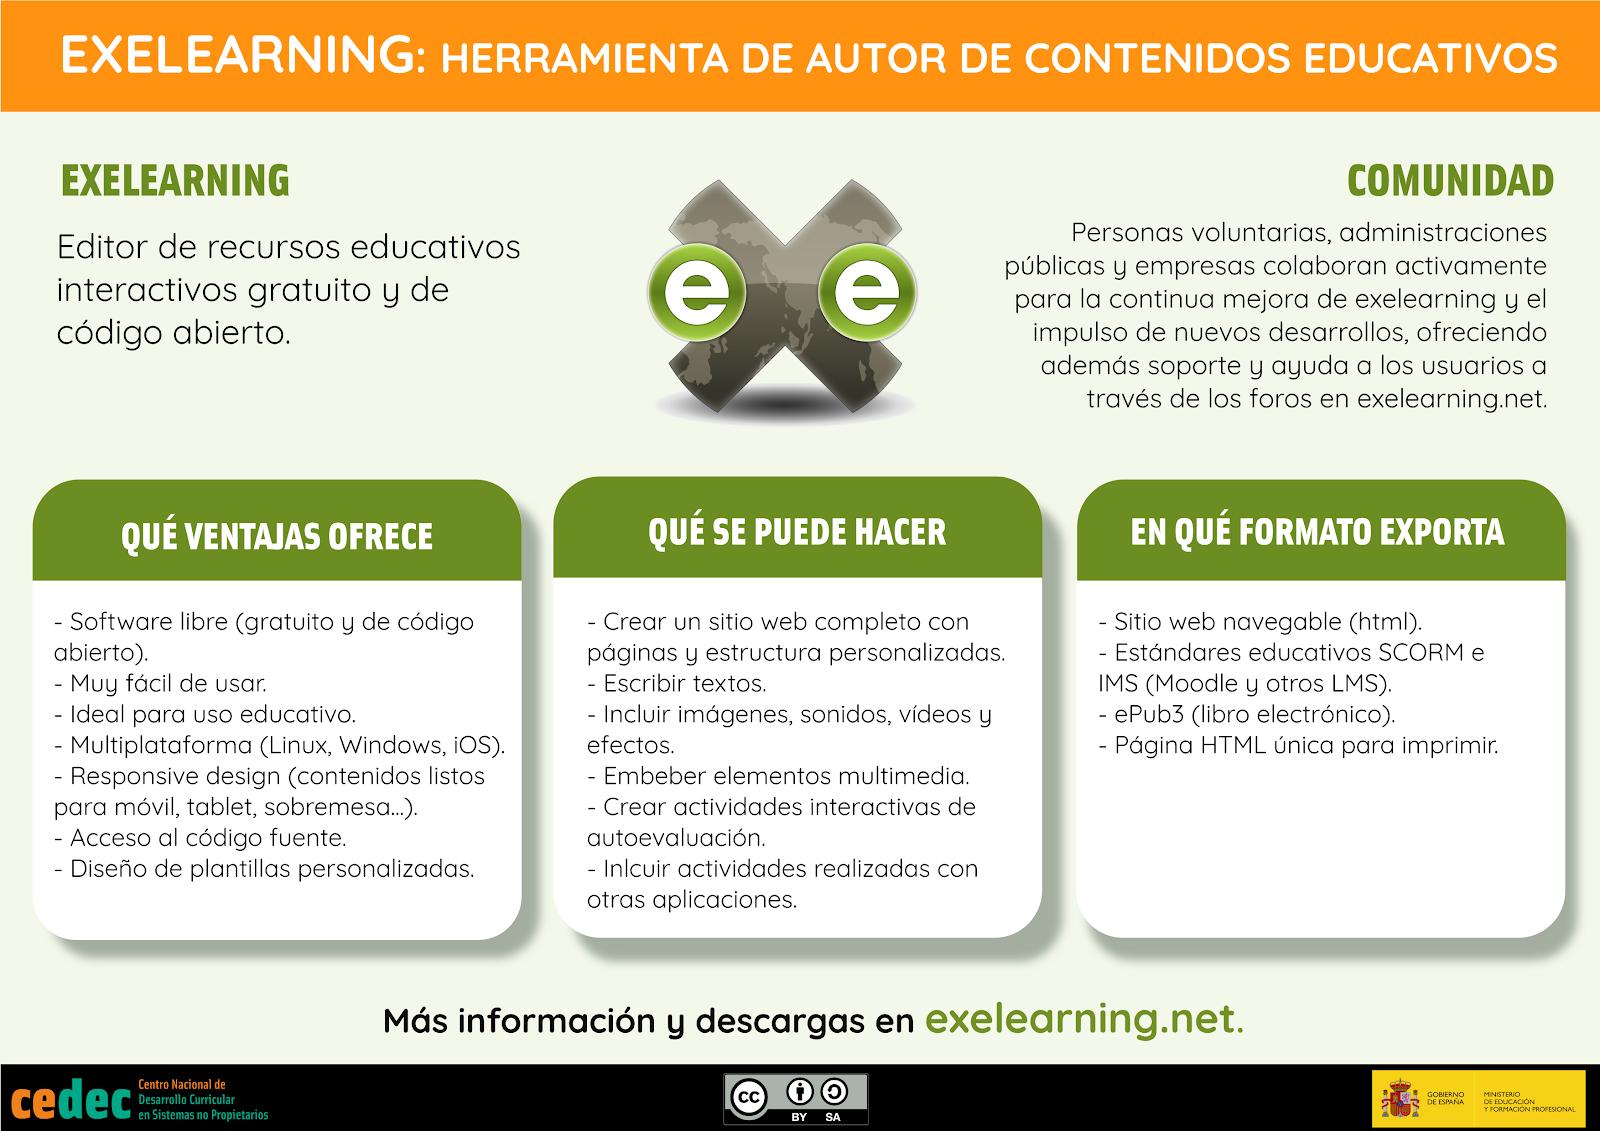 Infografía que resumen las ventajas de eXeLearning para crear contenidos